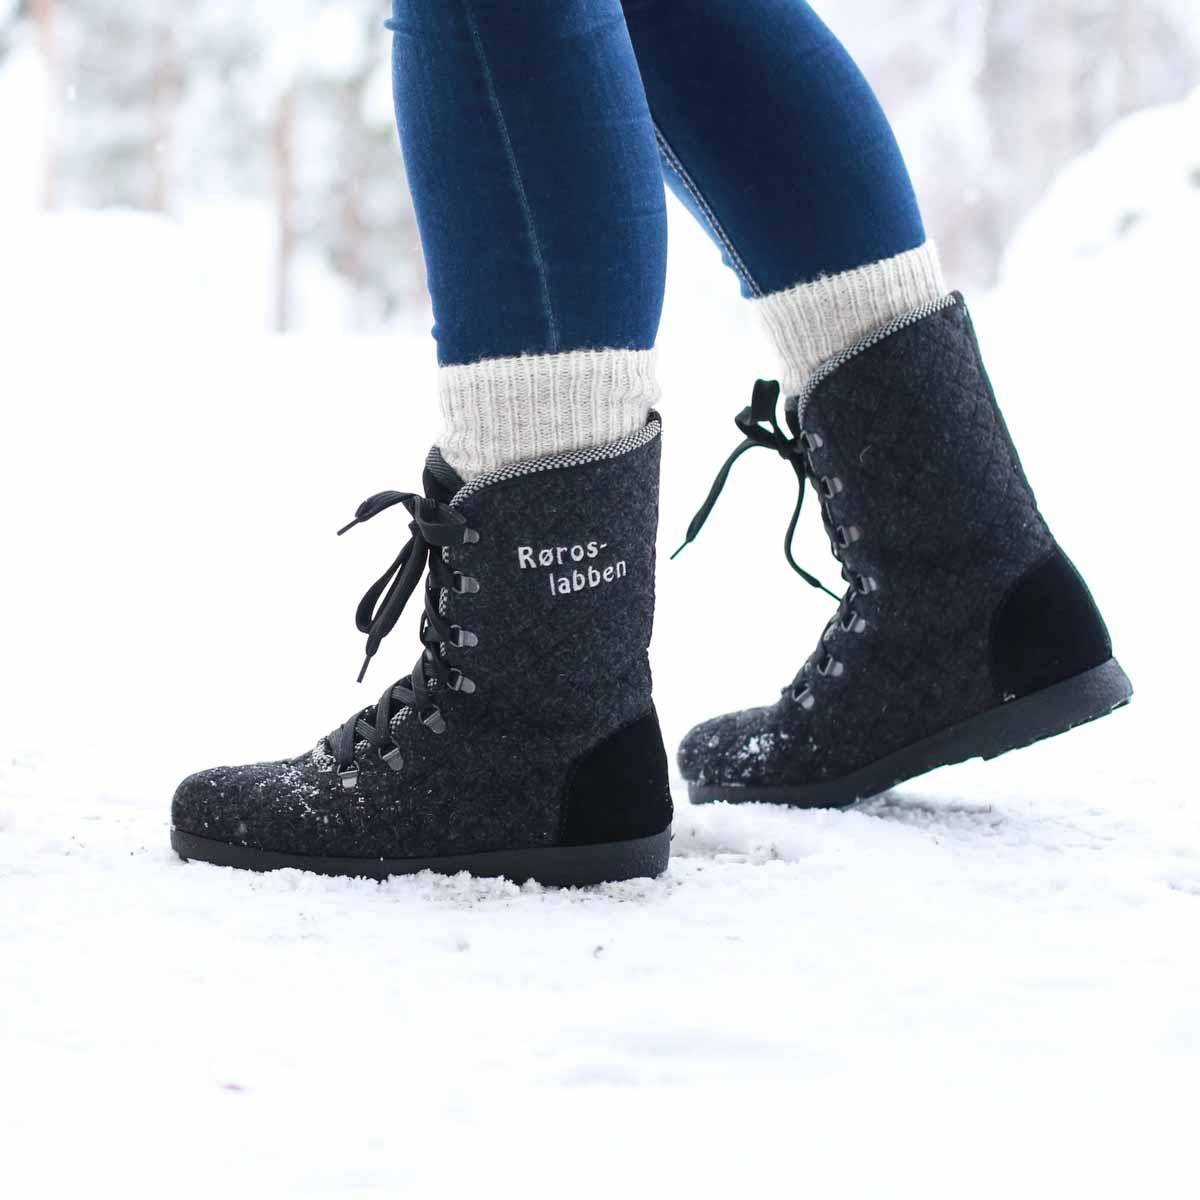 Røroslabben sko GRÅ